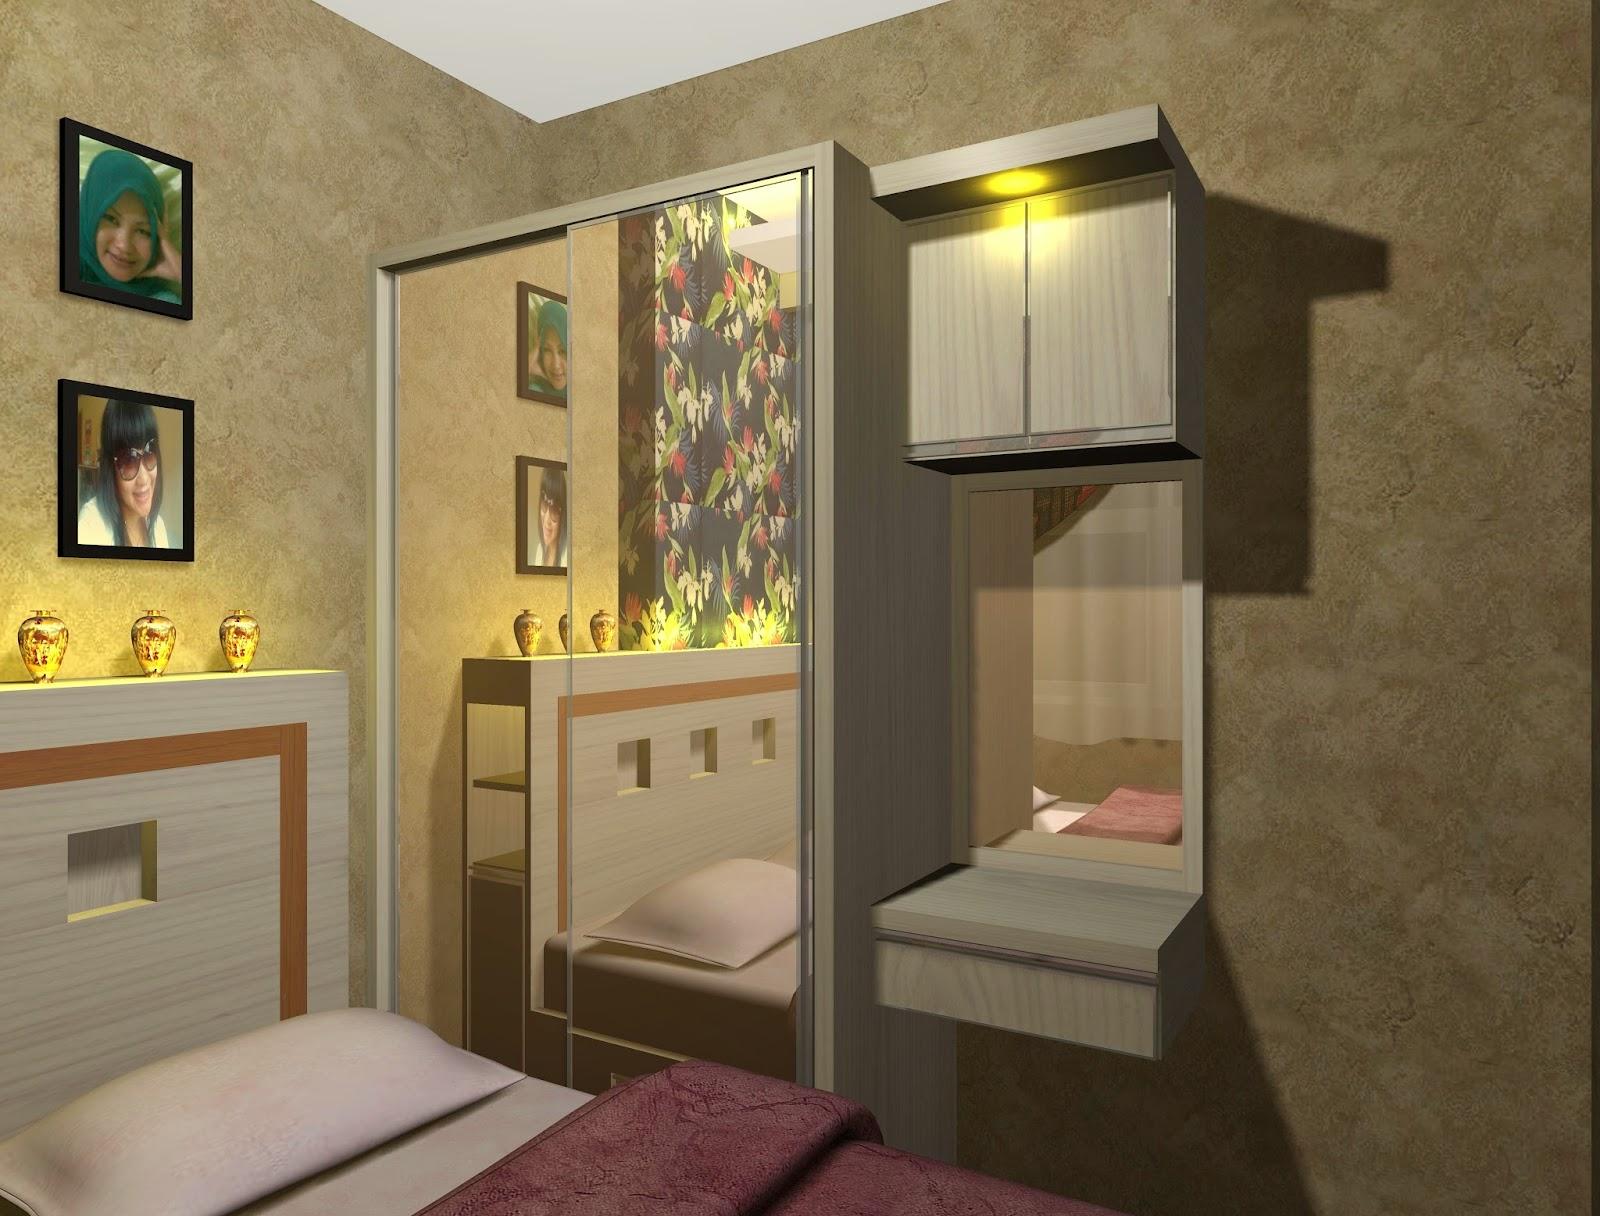 Desain Kamar Tidur Ukuran 5x5 Inspirasi Desain Rumah Dan